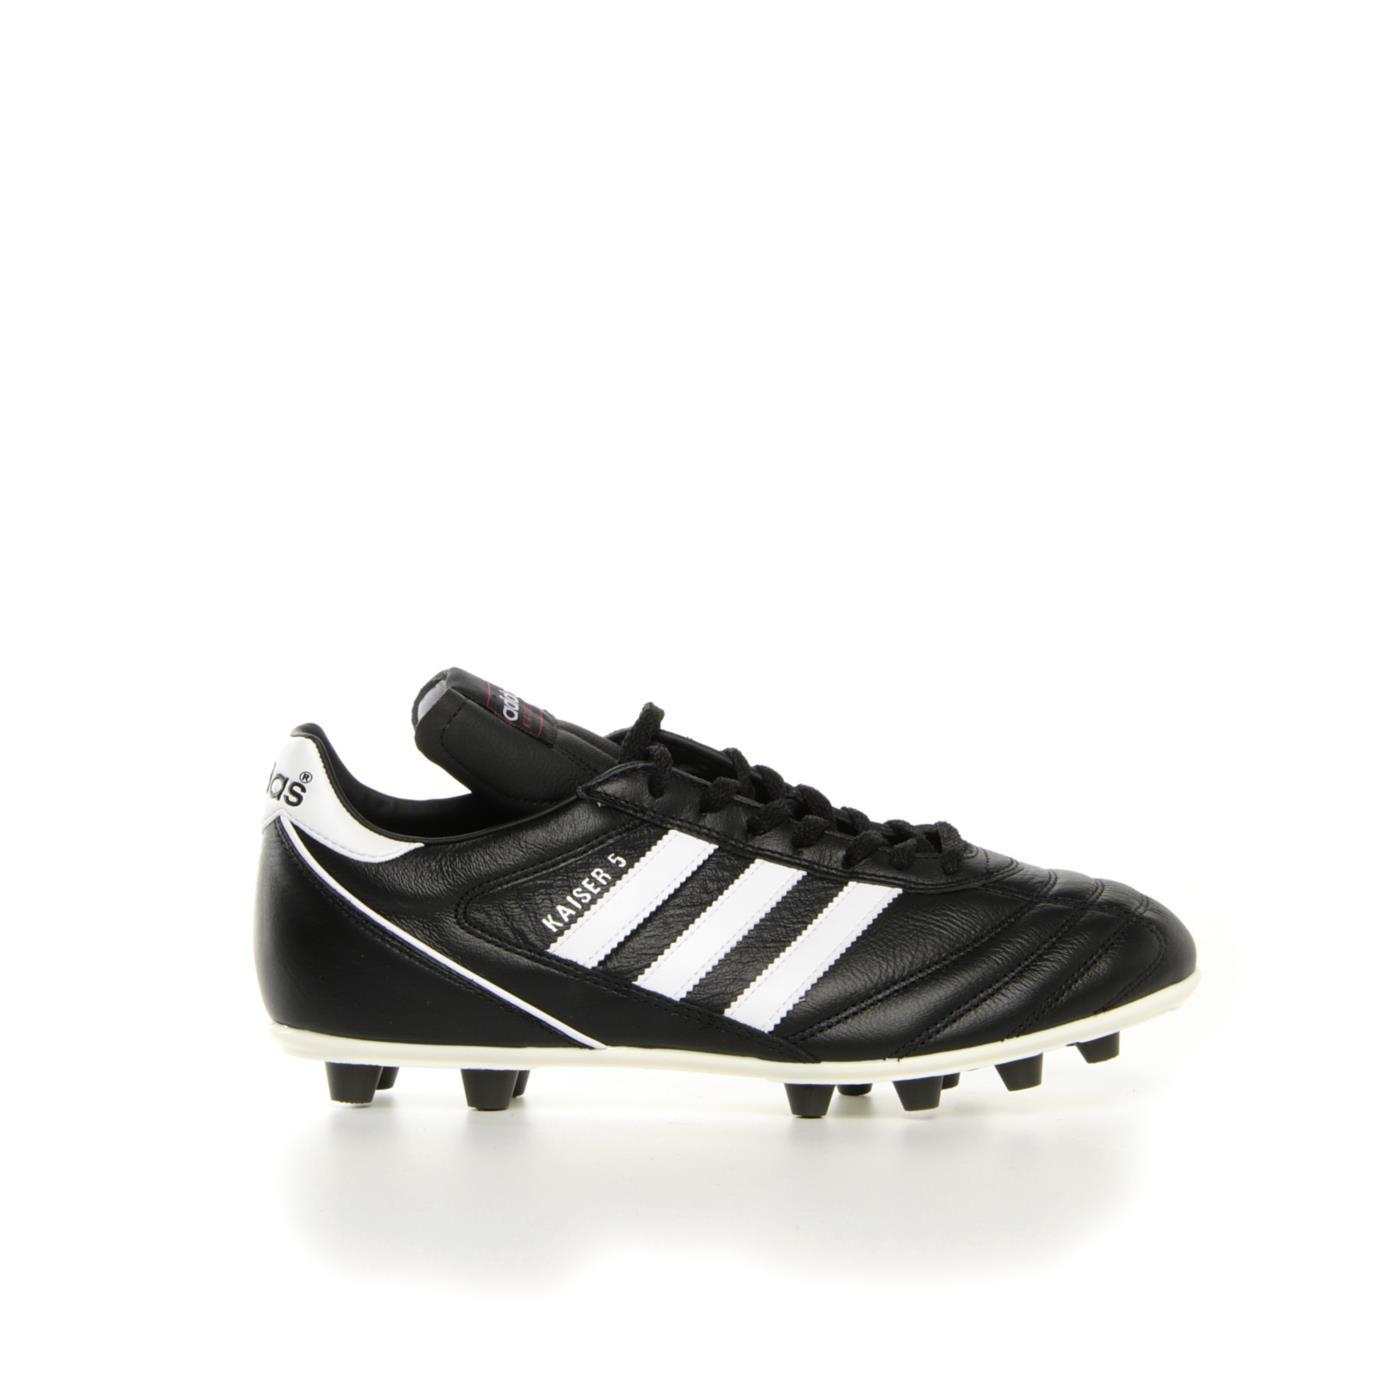 Détails sur Adidas Kaiser 5 Liga Chaussures de Football Fixe 033201